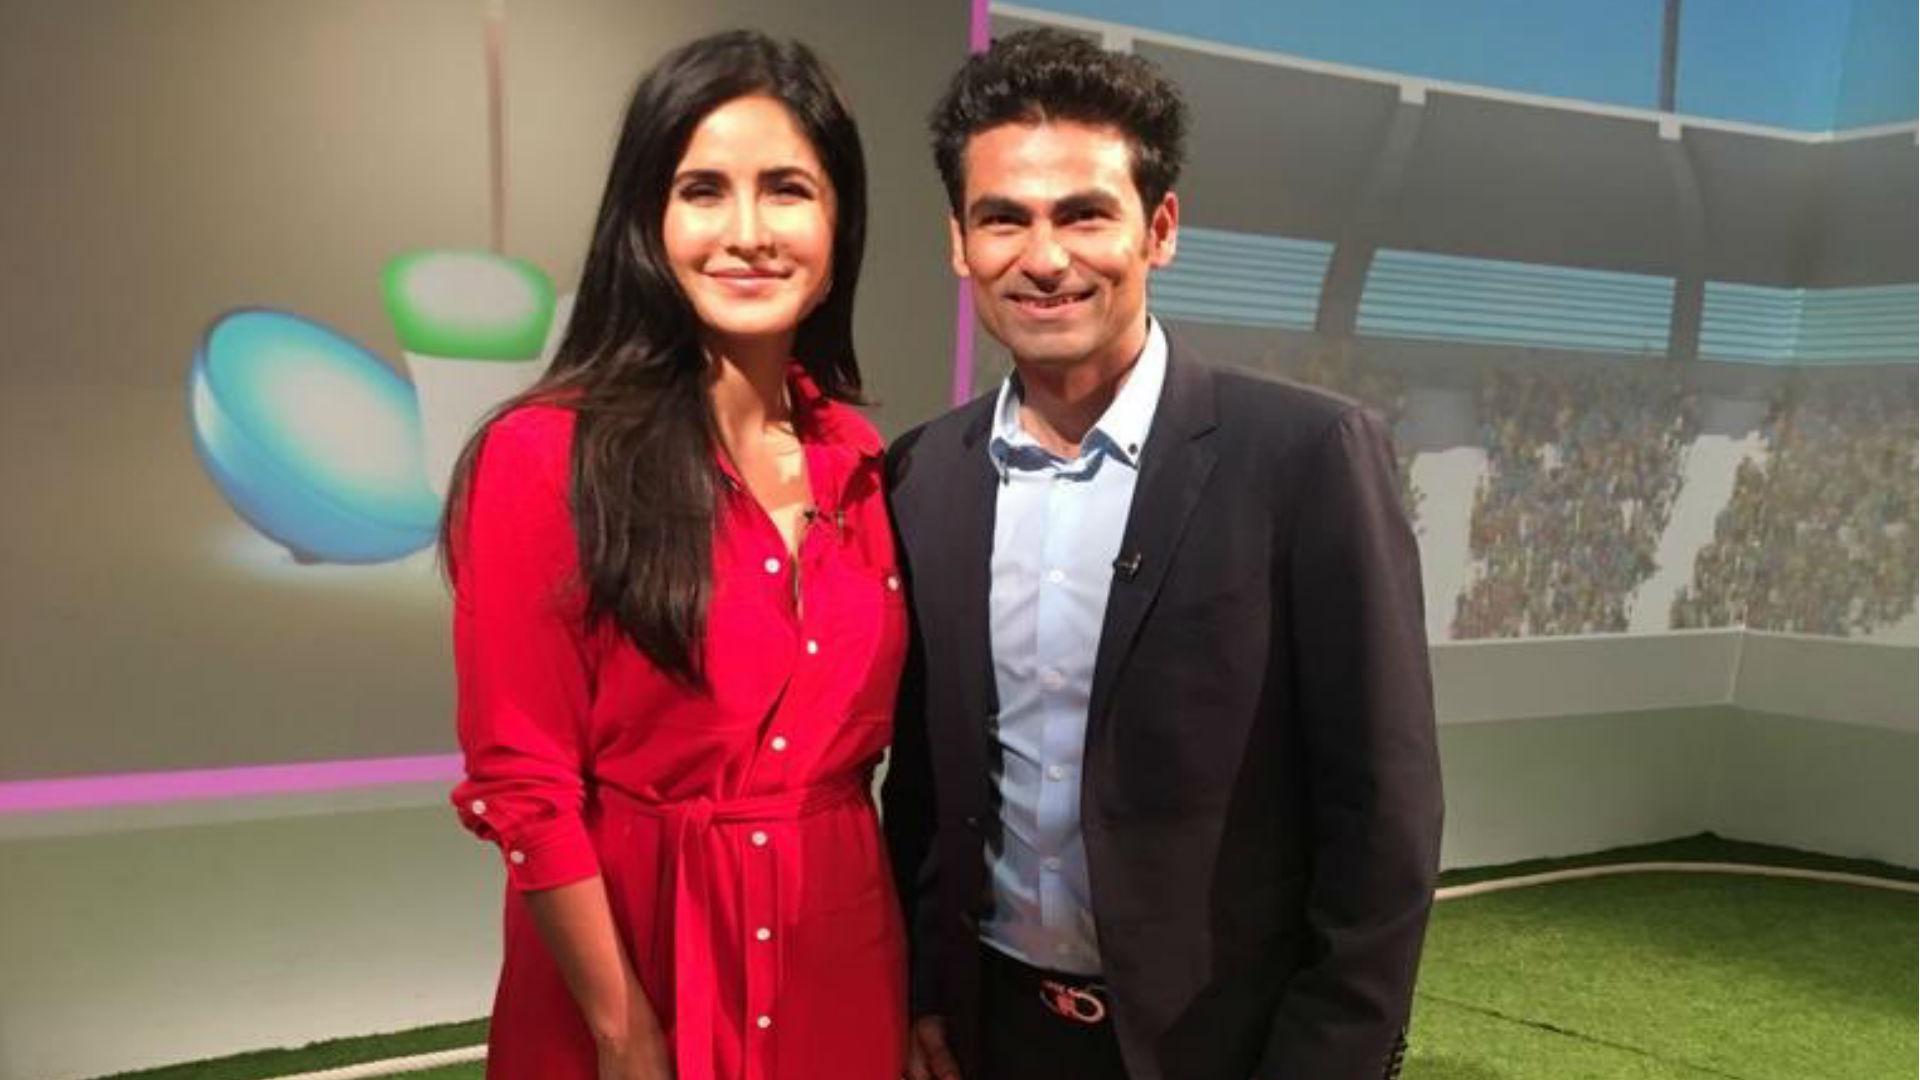 Mohammad Kaif Shares Photo With Bharat Film Star Katrina Kaif On Social Media - मोहम्मद कैफ का खुलासा, बताया बॉलीवुड एक्ट्रेस कैटरीना कैफ के साथ क्या है उनका रिश्ता - Hindi Rush - News